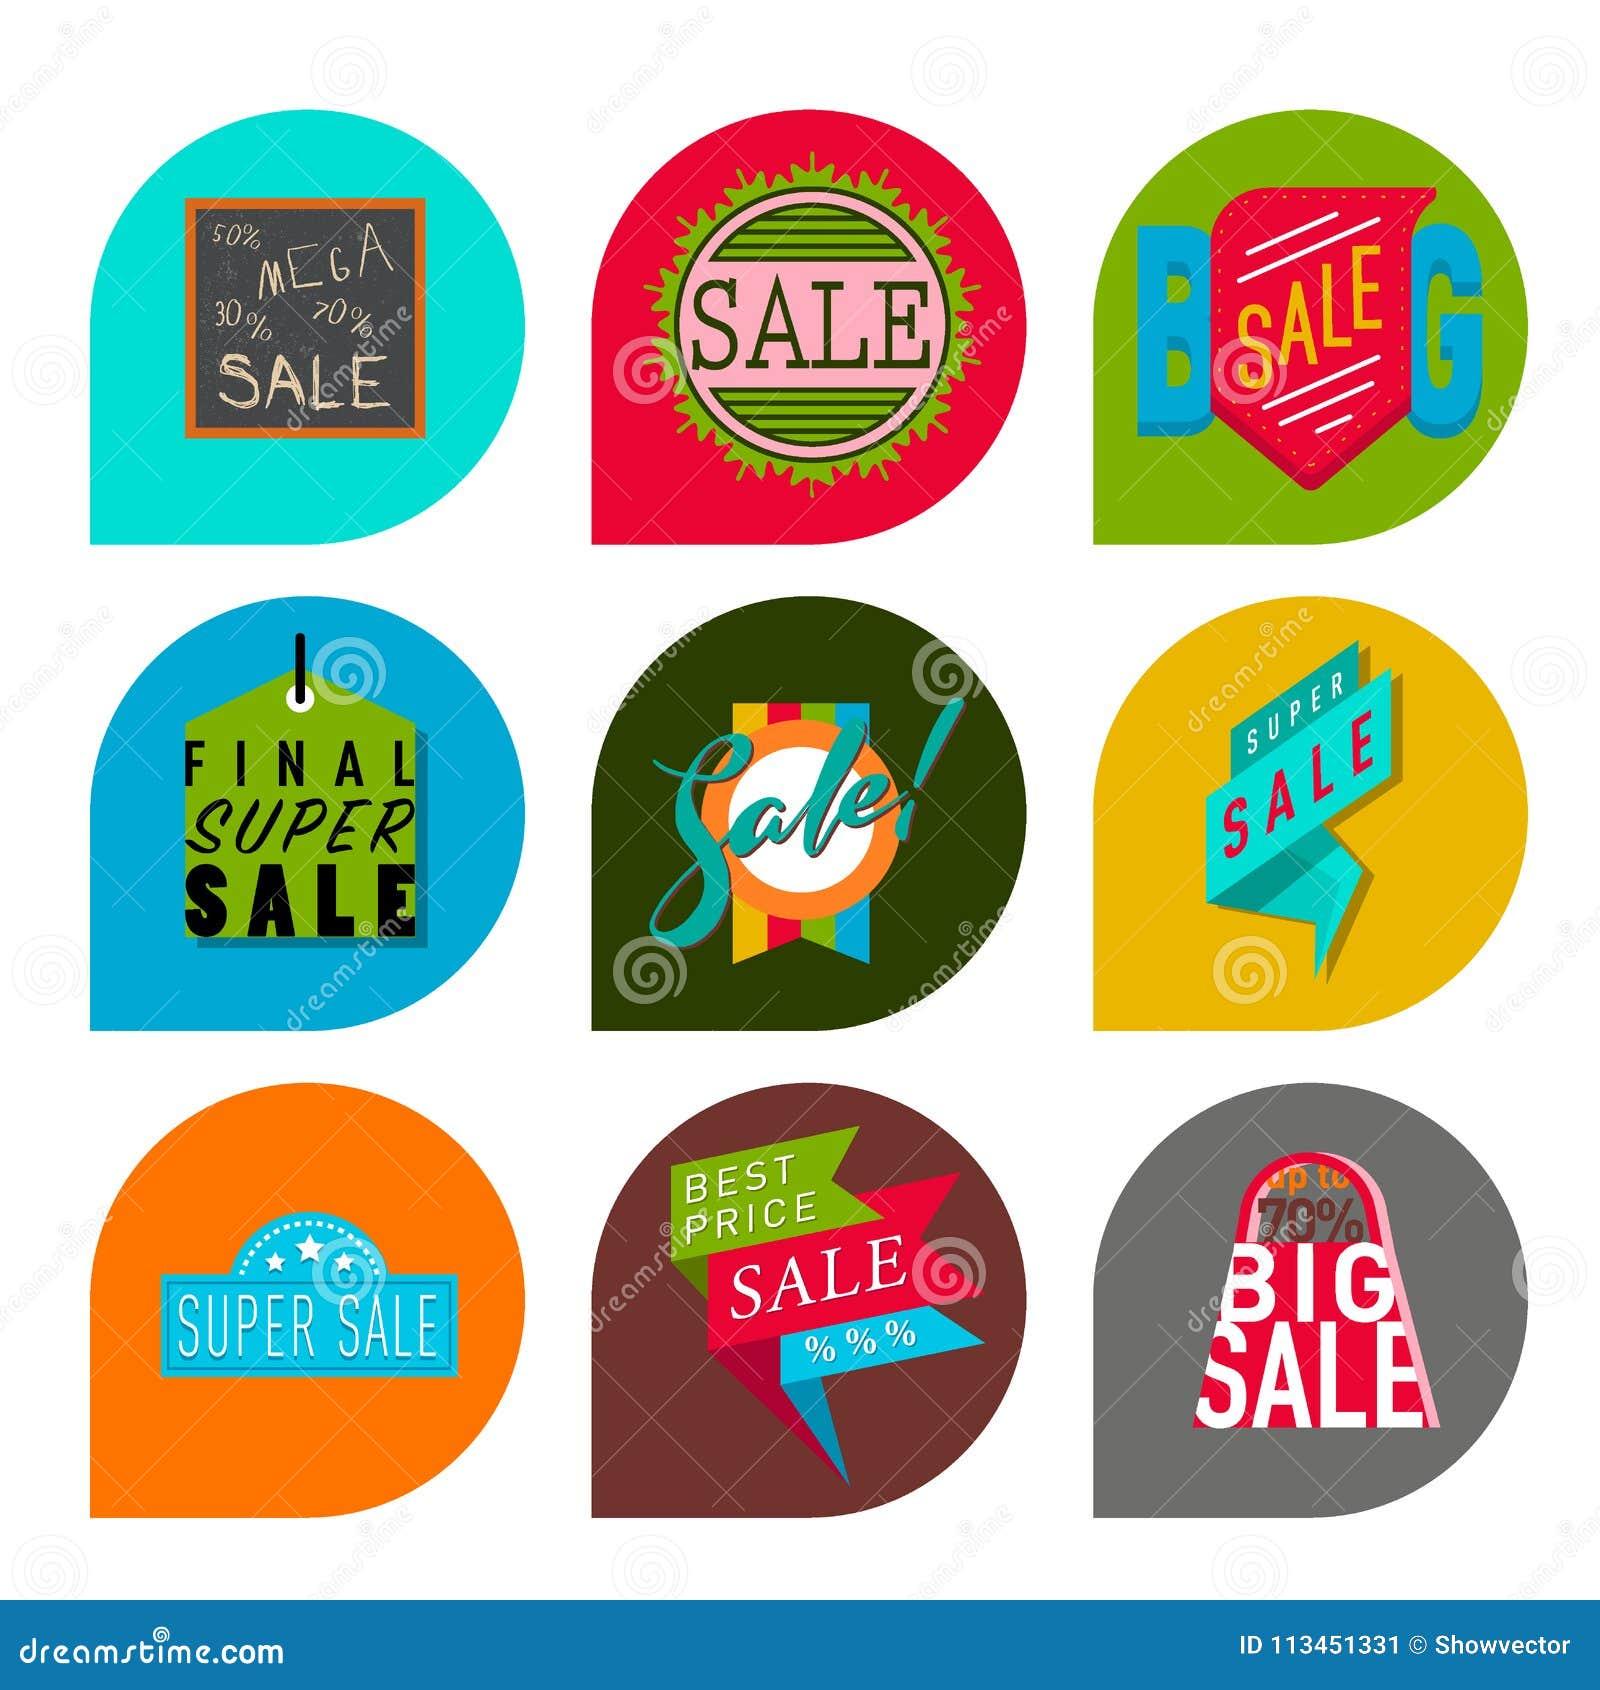 As bandeiras extra do bônus da venda super text na ilustração tirada cor do vetor da promoção do Internet da compra do negócio da